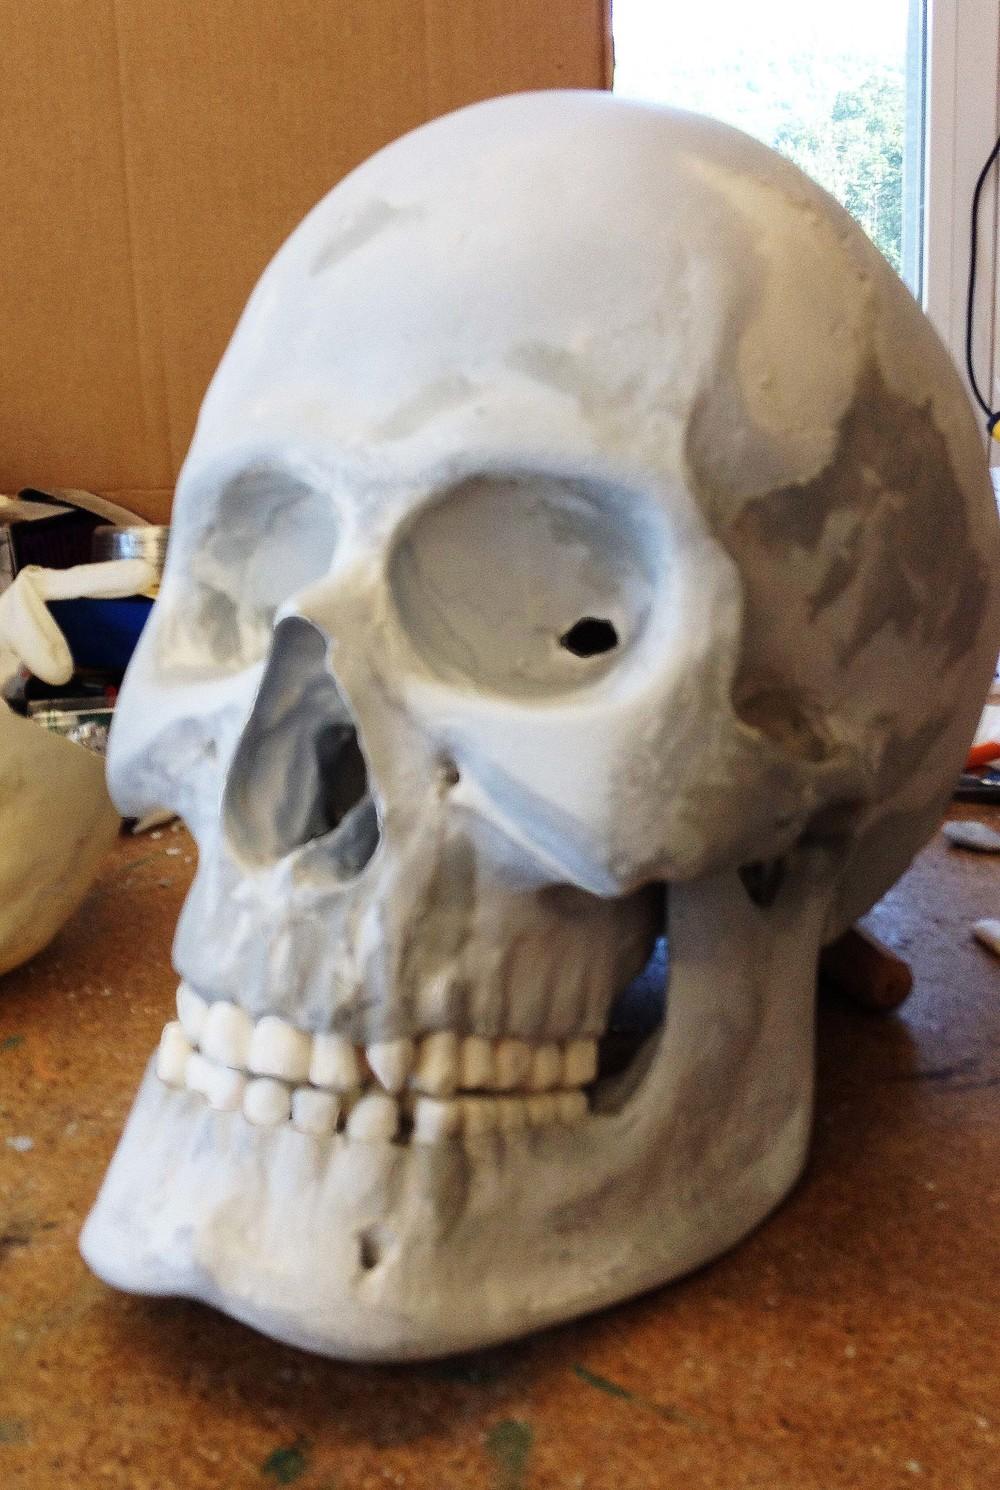 Giant's skull